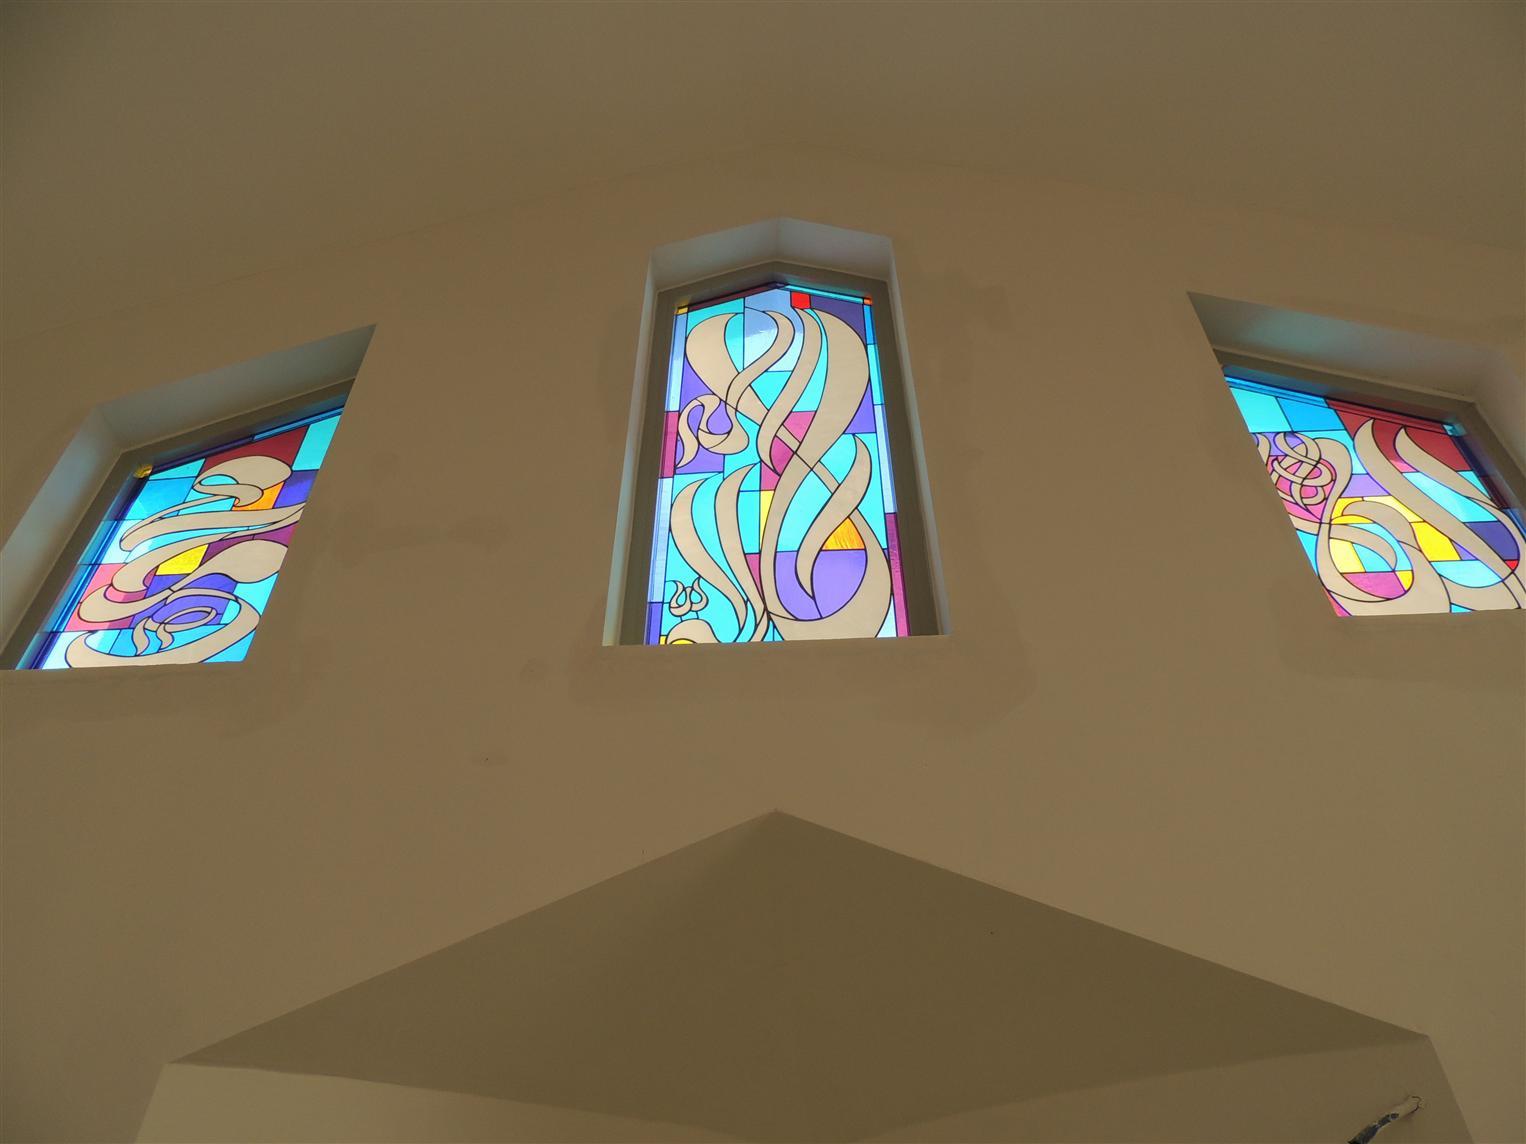 piri-reis-camii2015921174114588.jpg izmir vitray çalışması